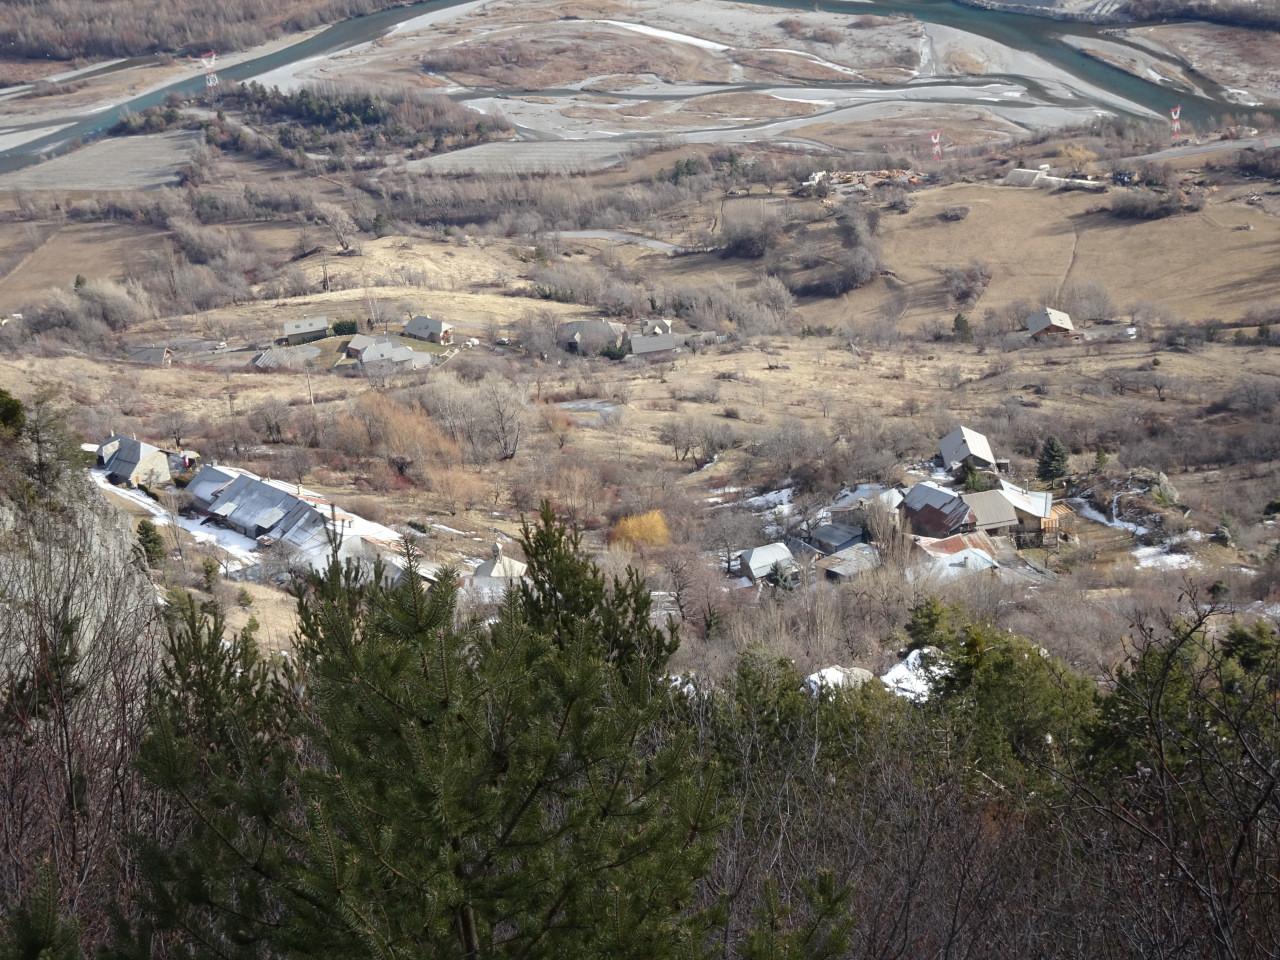 Les Casses vues de Rabastelle en amont. On distingue bien l'articulation du hameau, avec à gauche l'alignement des Bruns et sa chapelle,à droite l'amas sur le rocher des Casses proprement dites.